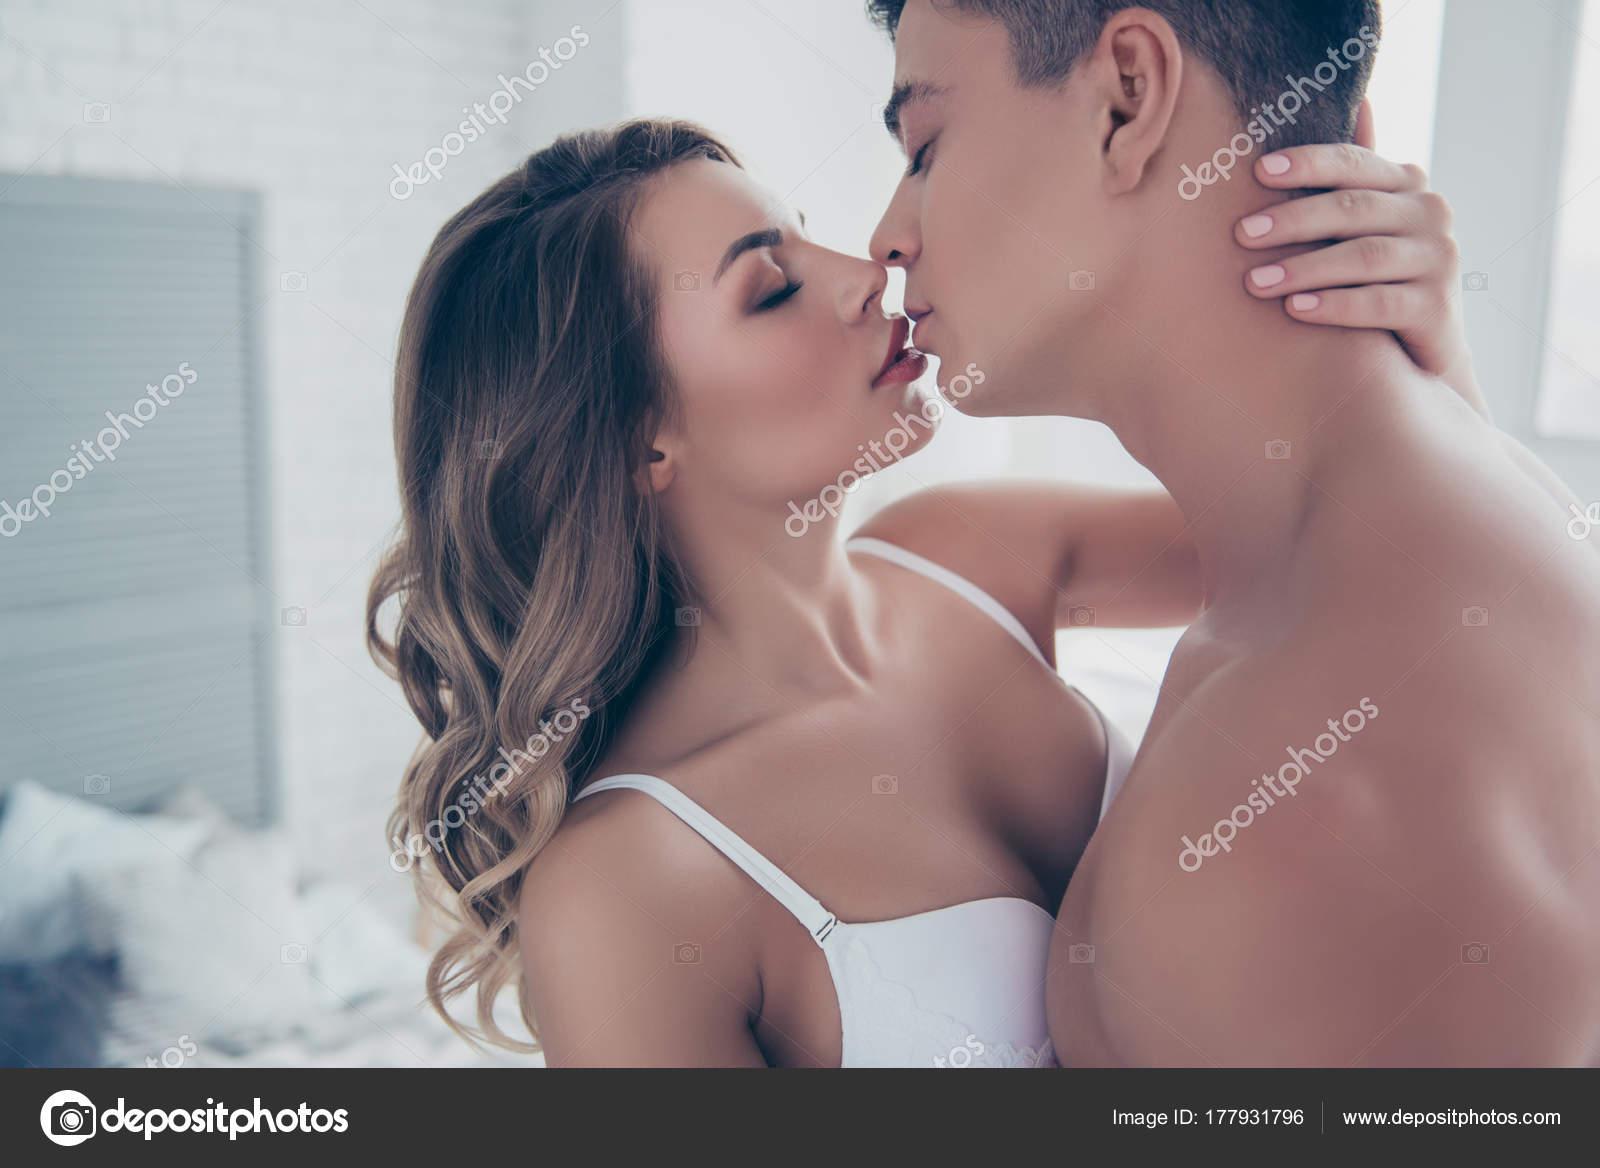 Horny Kiss